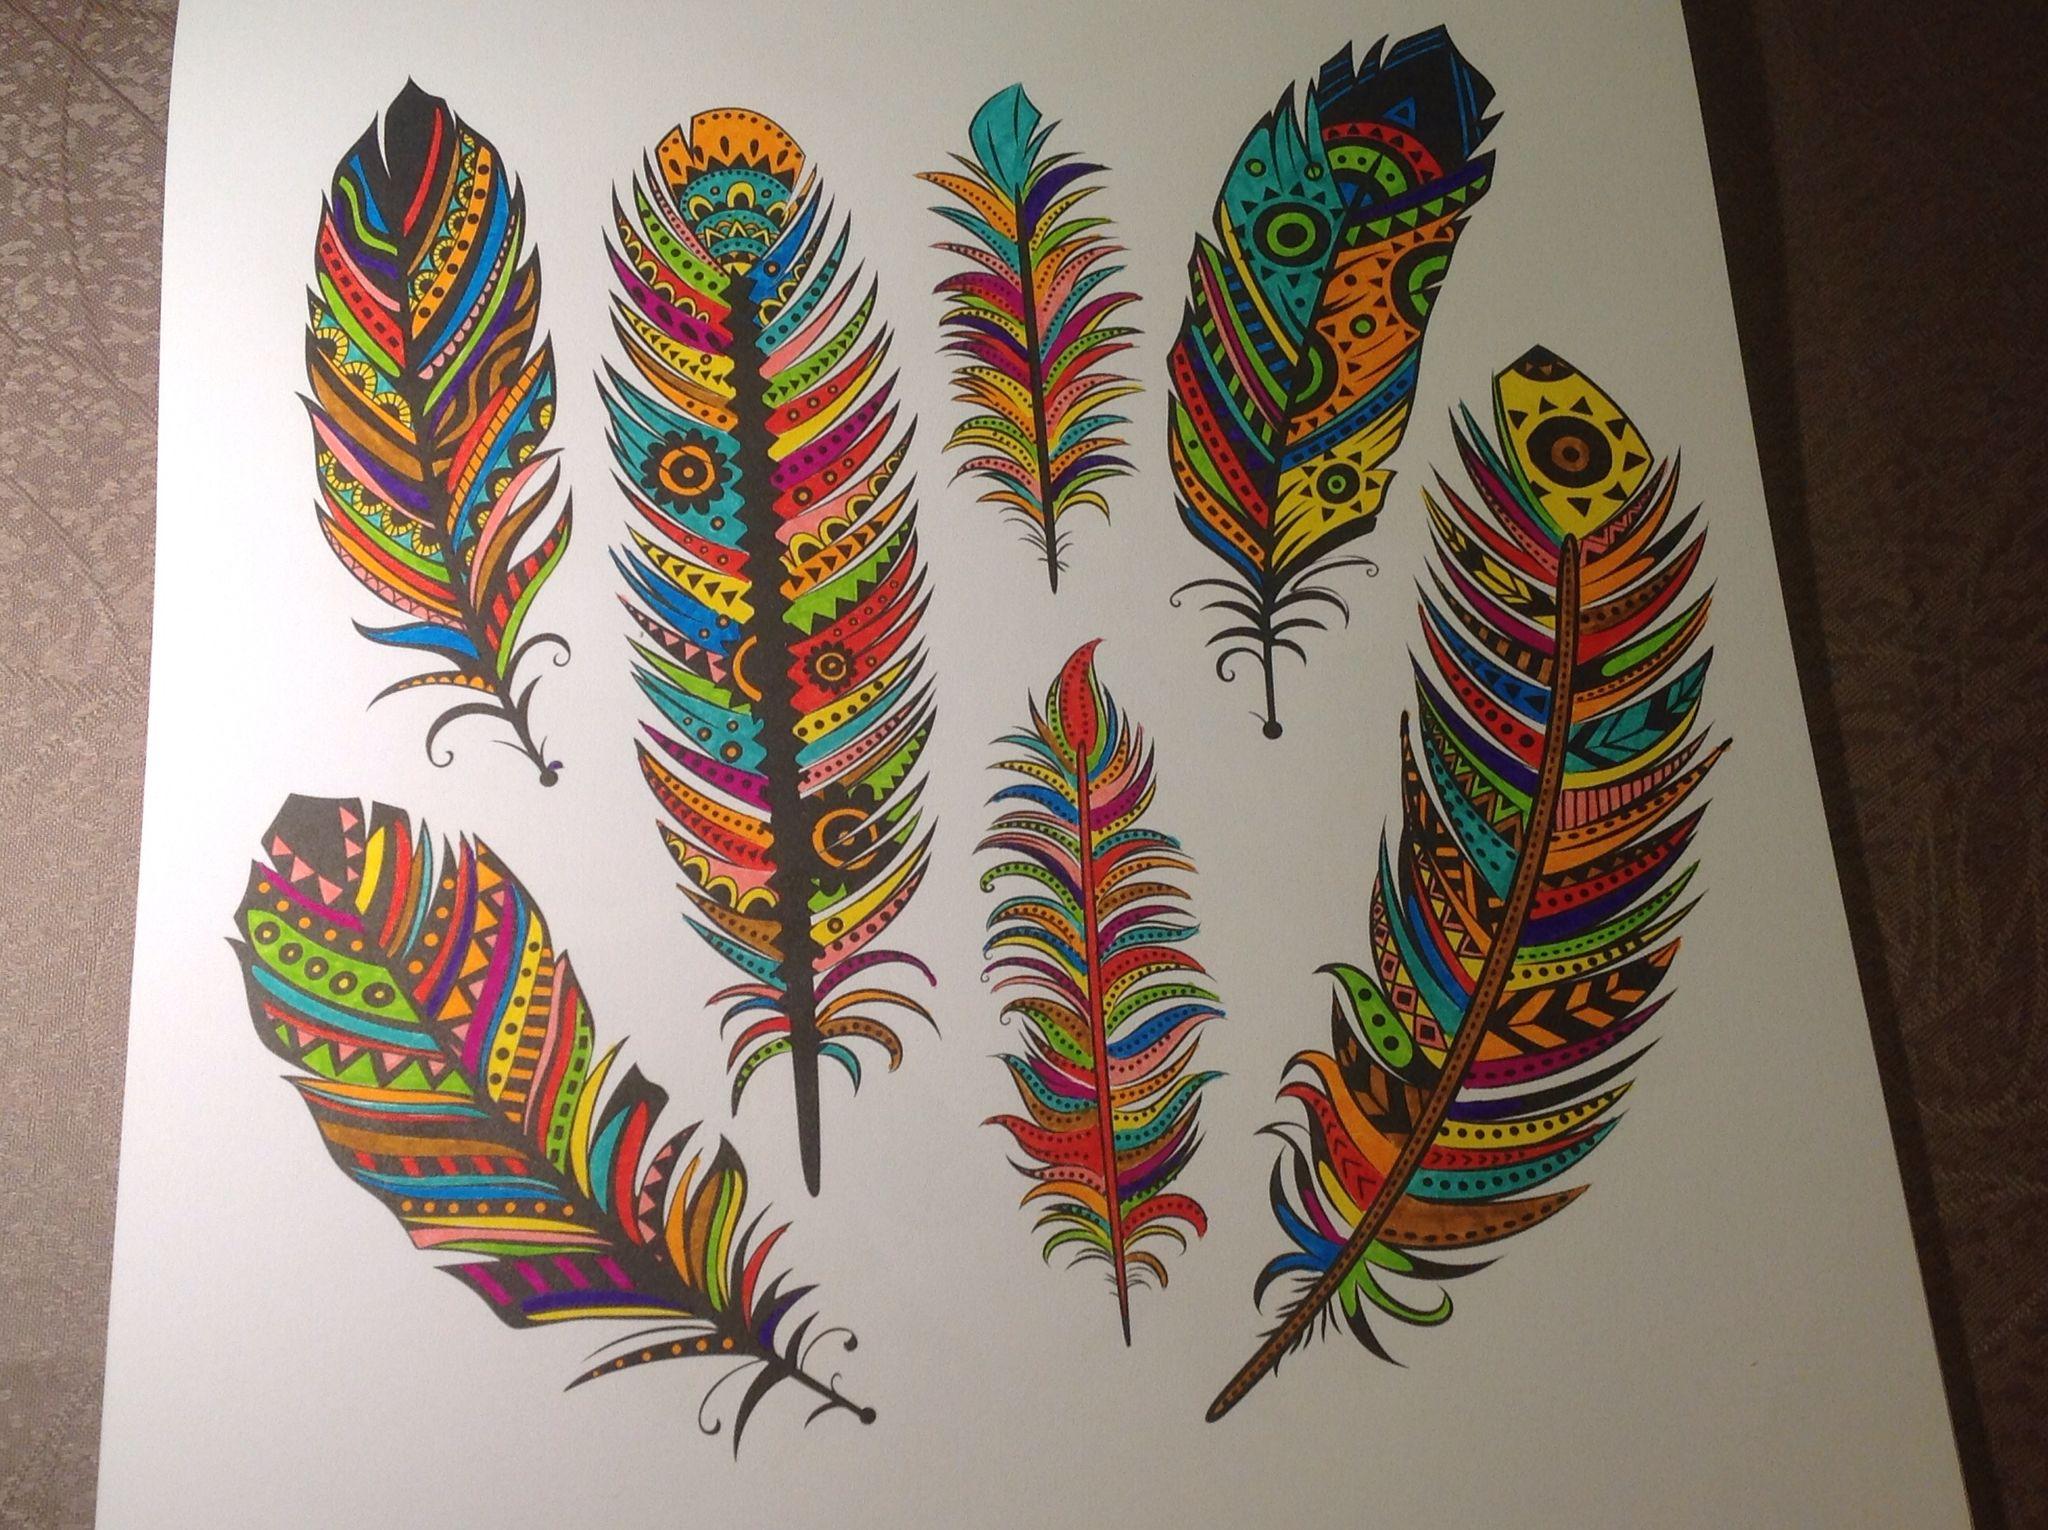 Gekleurde Veren Kleurboek Kleurplaten Kleuren